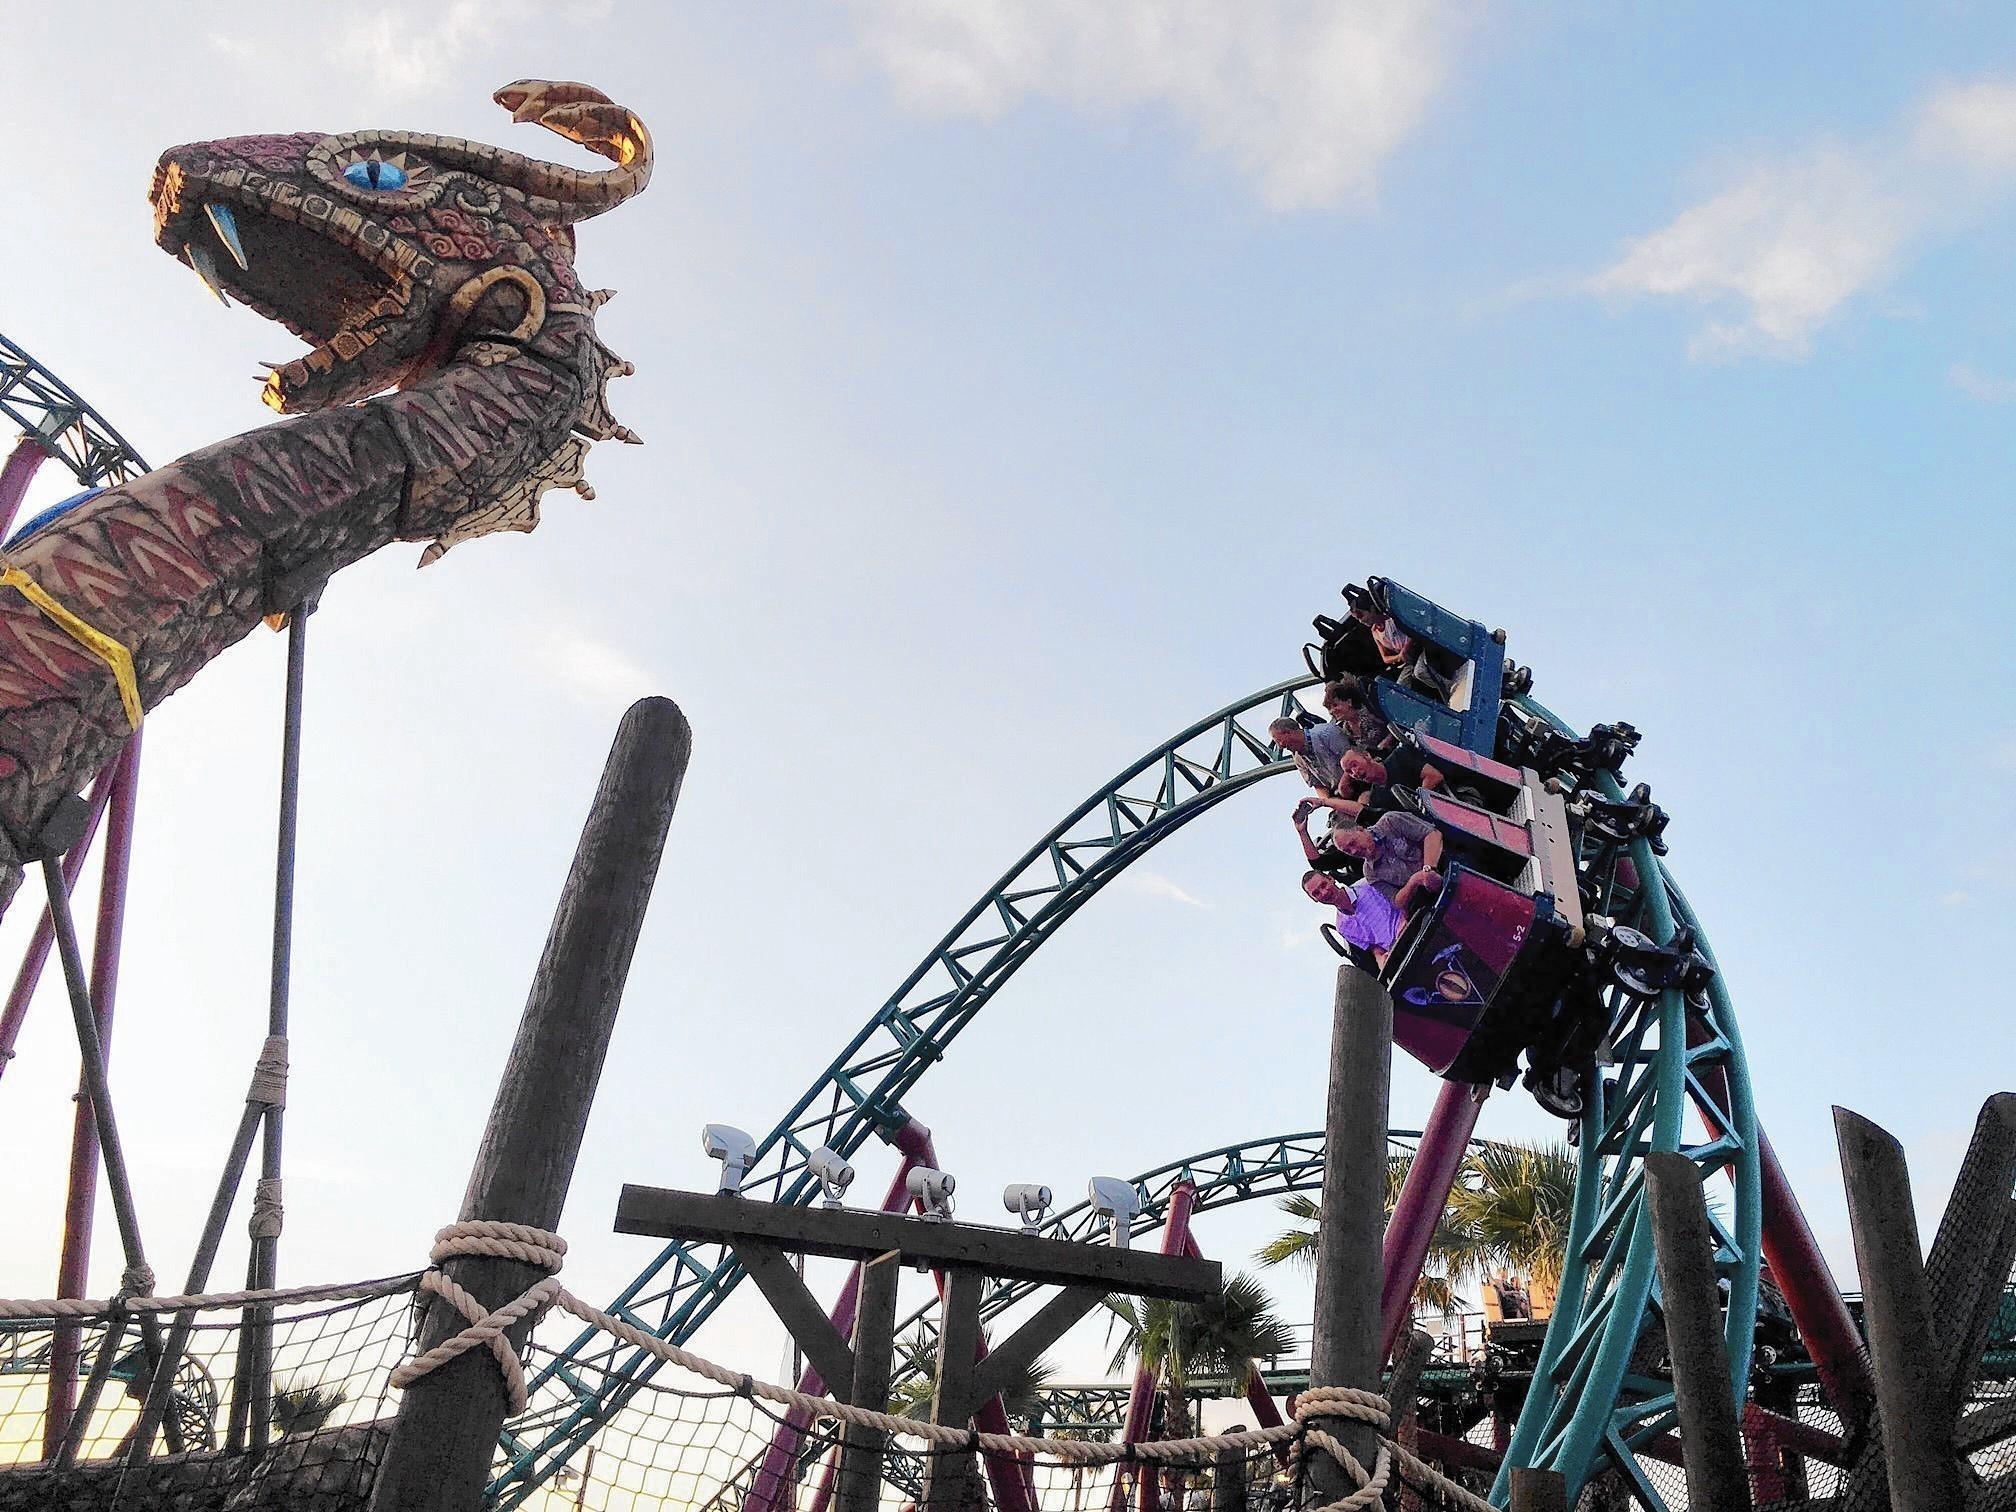 Cobra 39 s curse roller coaster busch gardens tampa pictures - Roller coasters at busch gardens ...